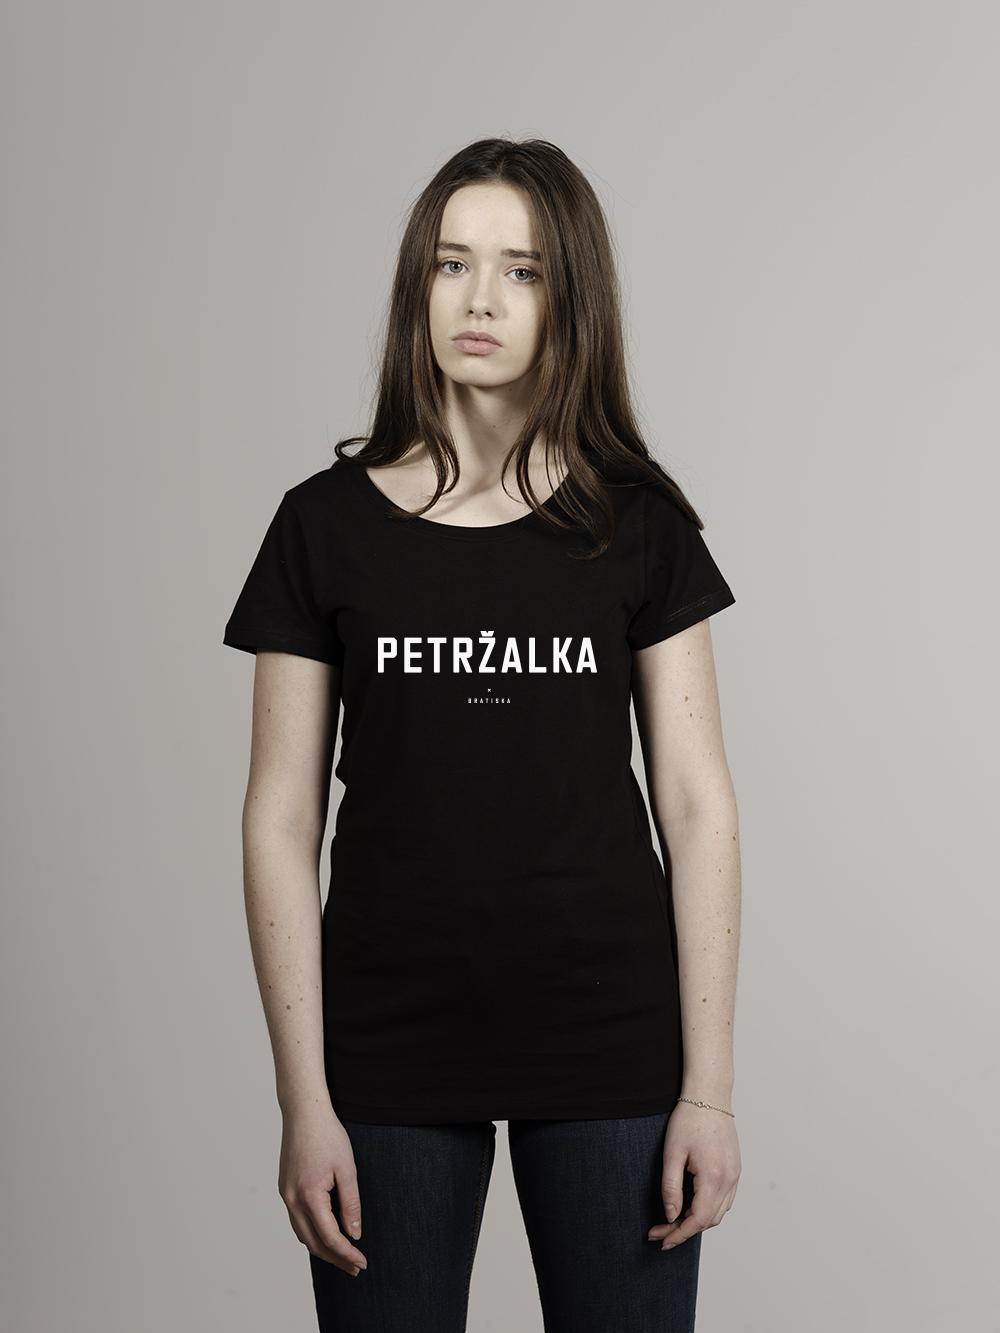 Petržalka Tričko žena, čierna